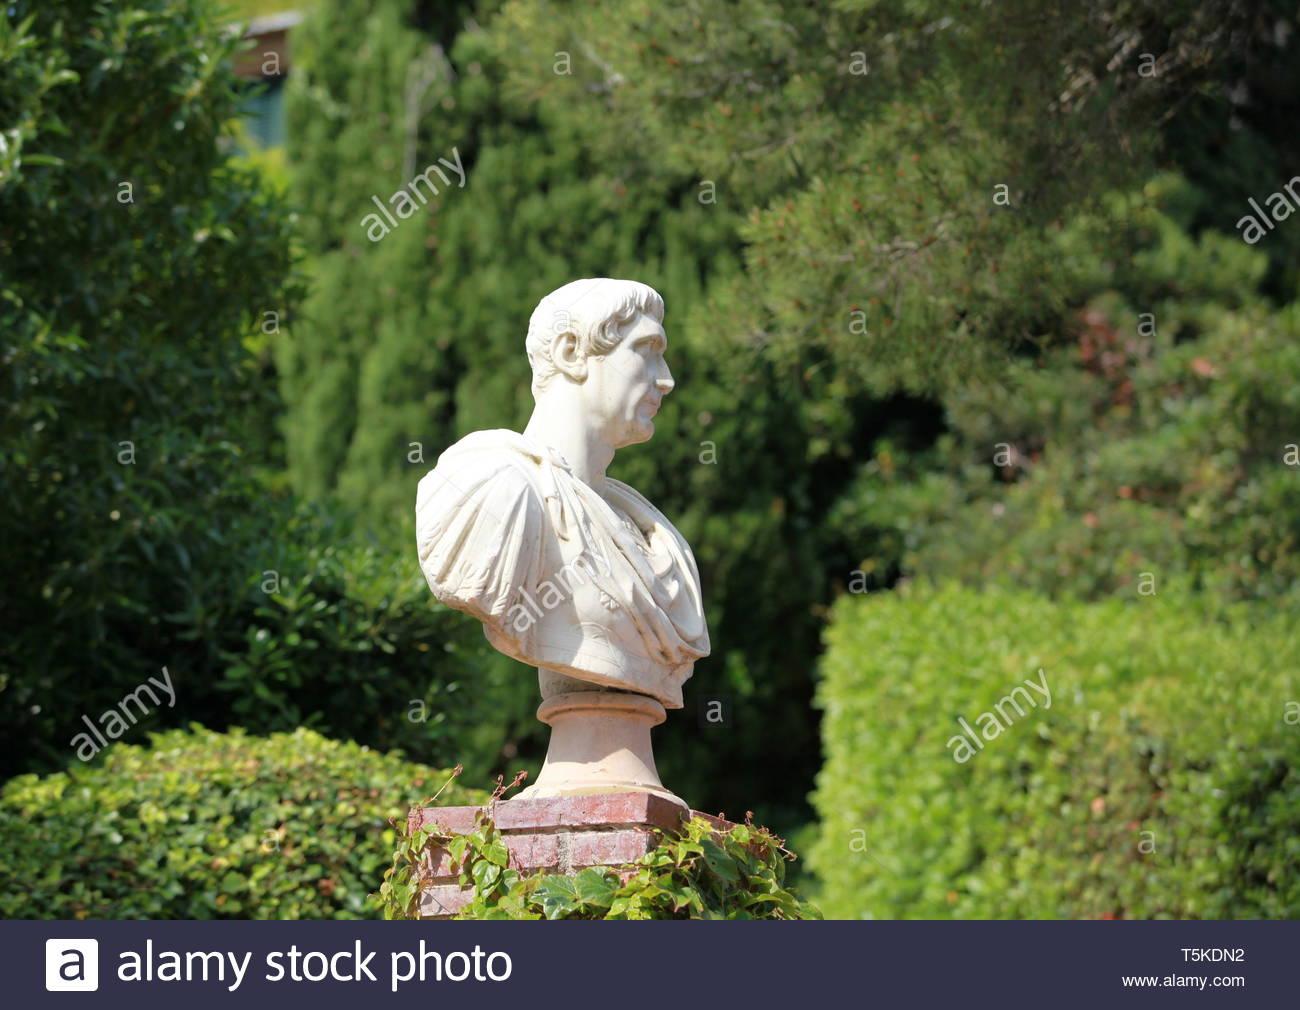 antique caesar bust in summer garden T5KDN2